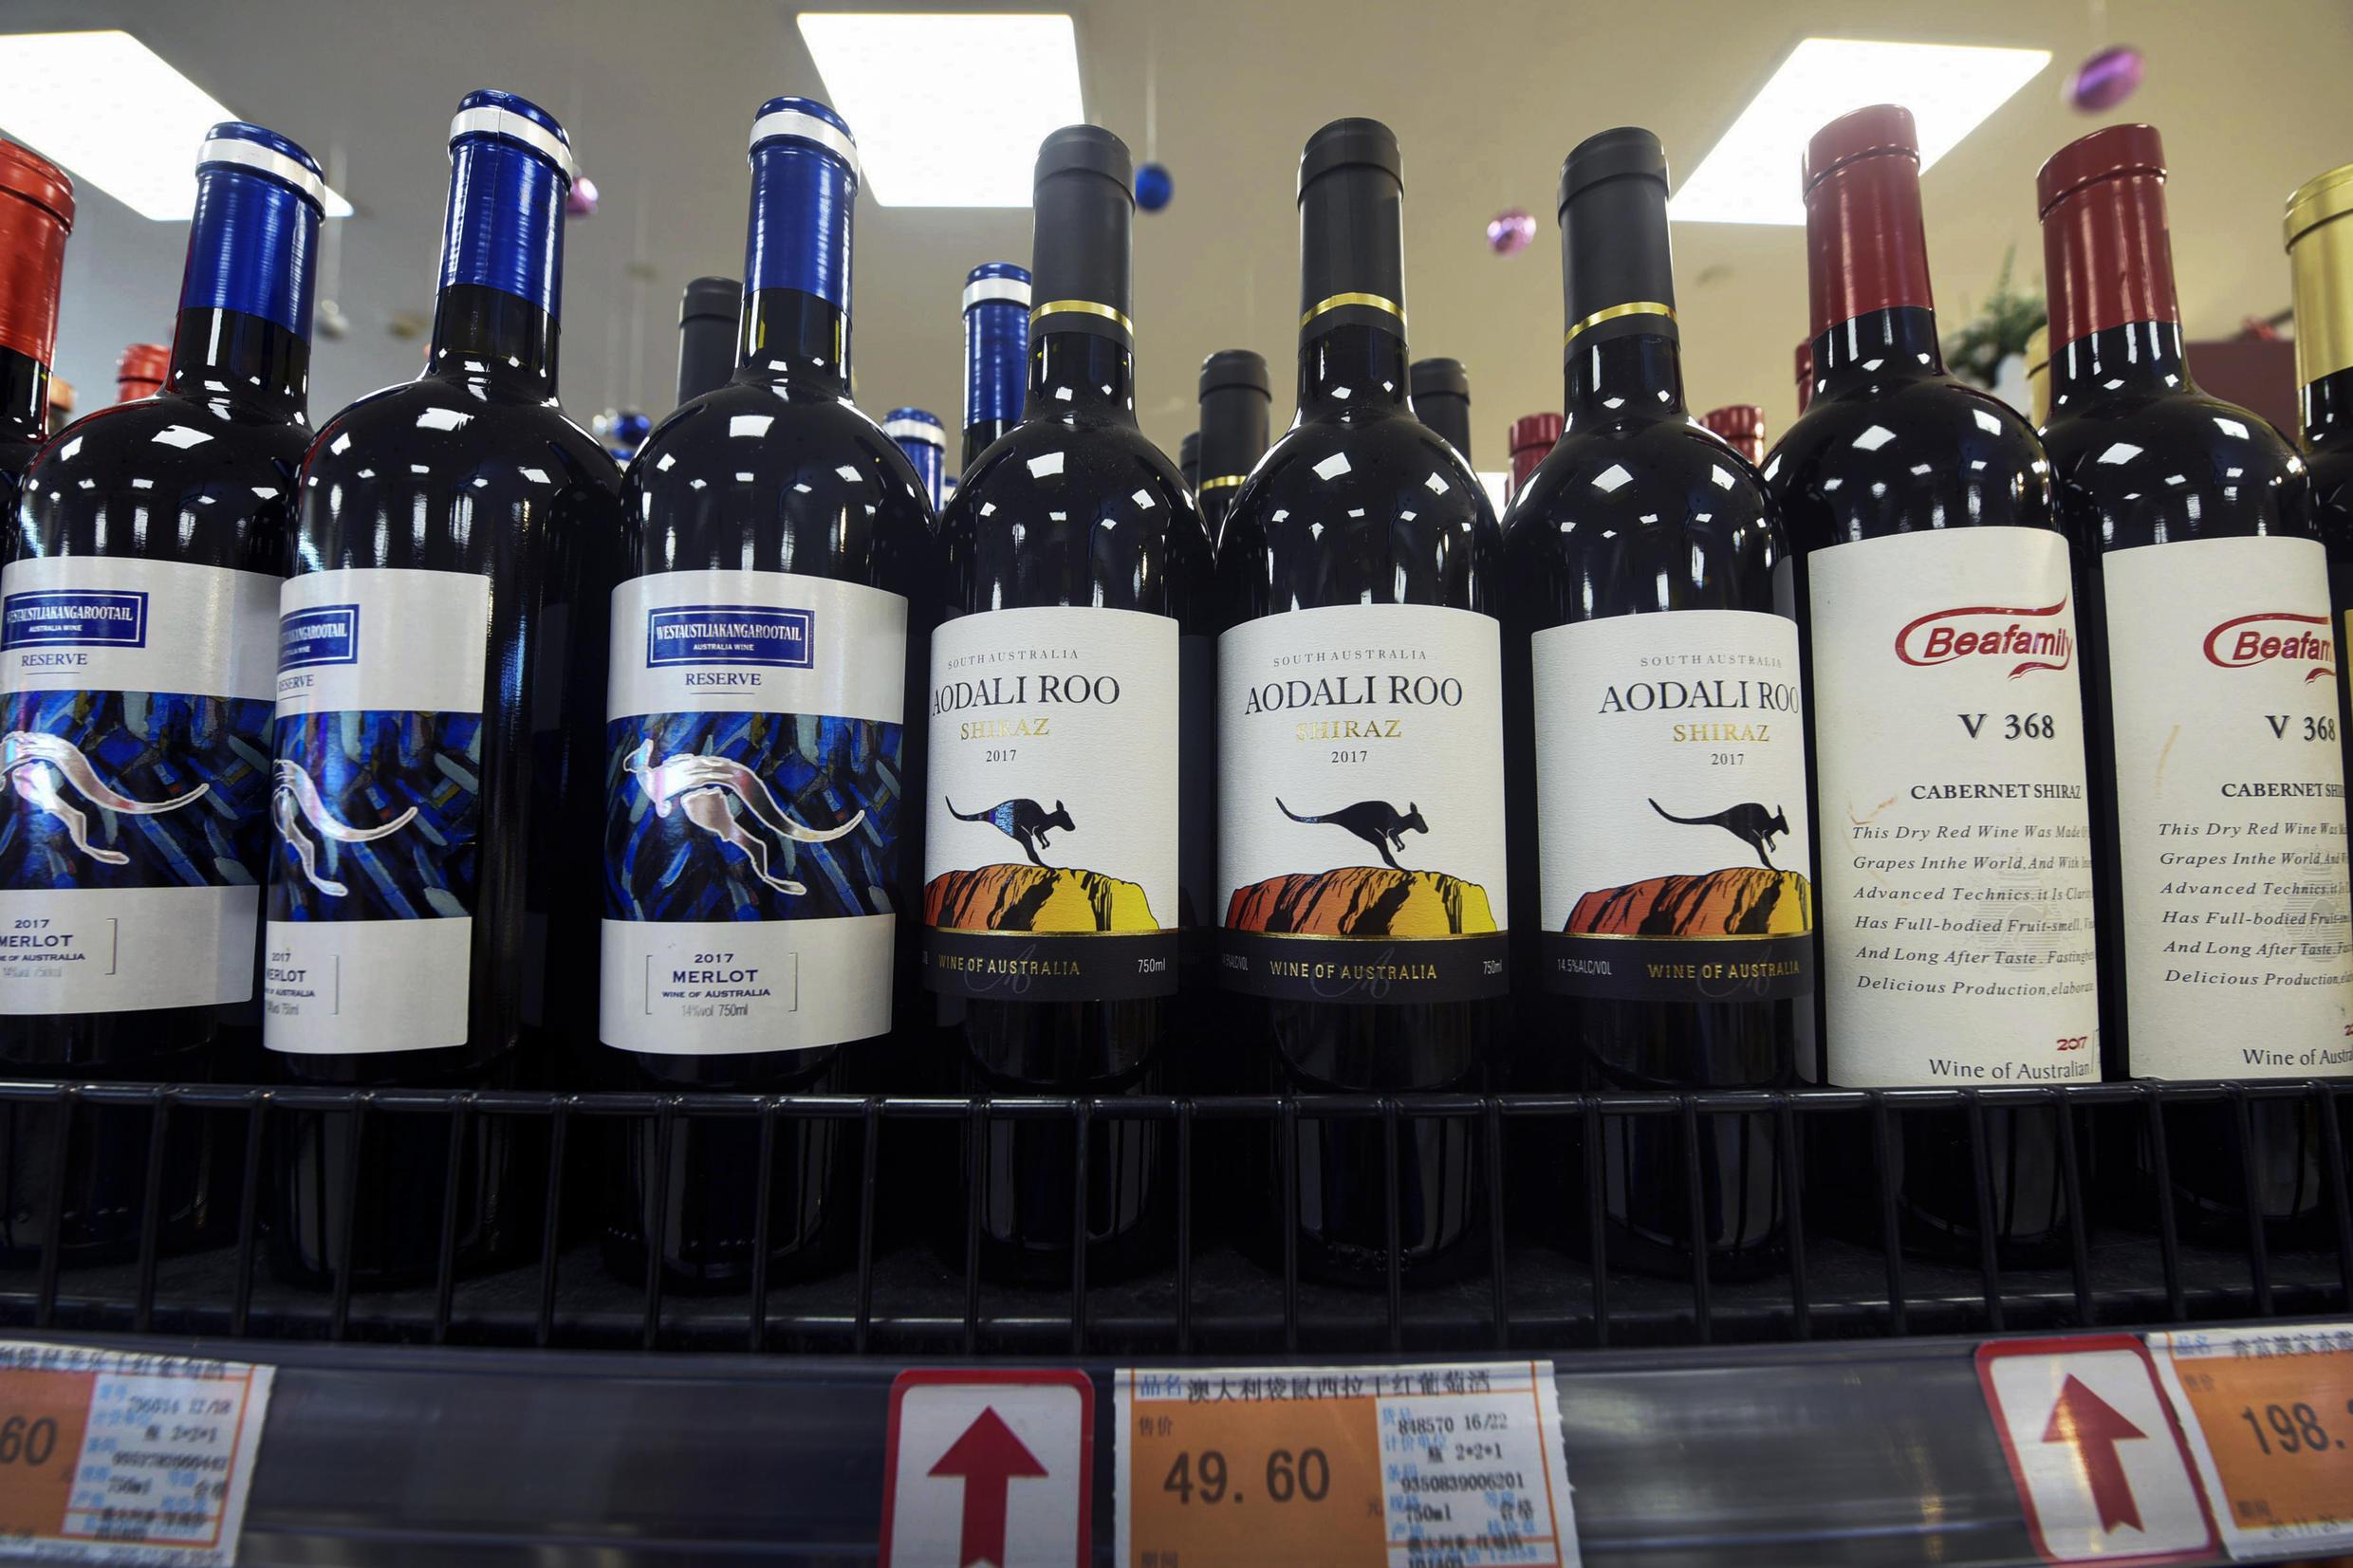 圖為中國浙江省杭州市的一家超市的貨架上出售的澳洲葡萄酒